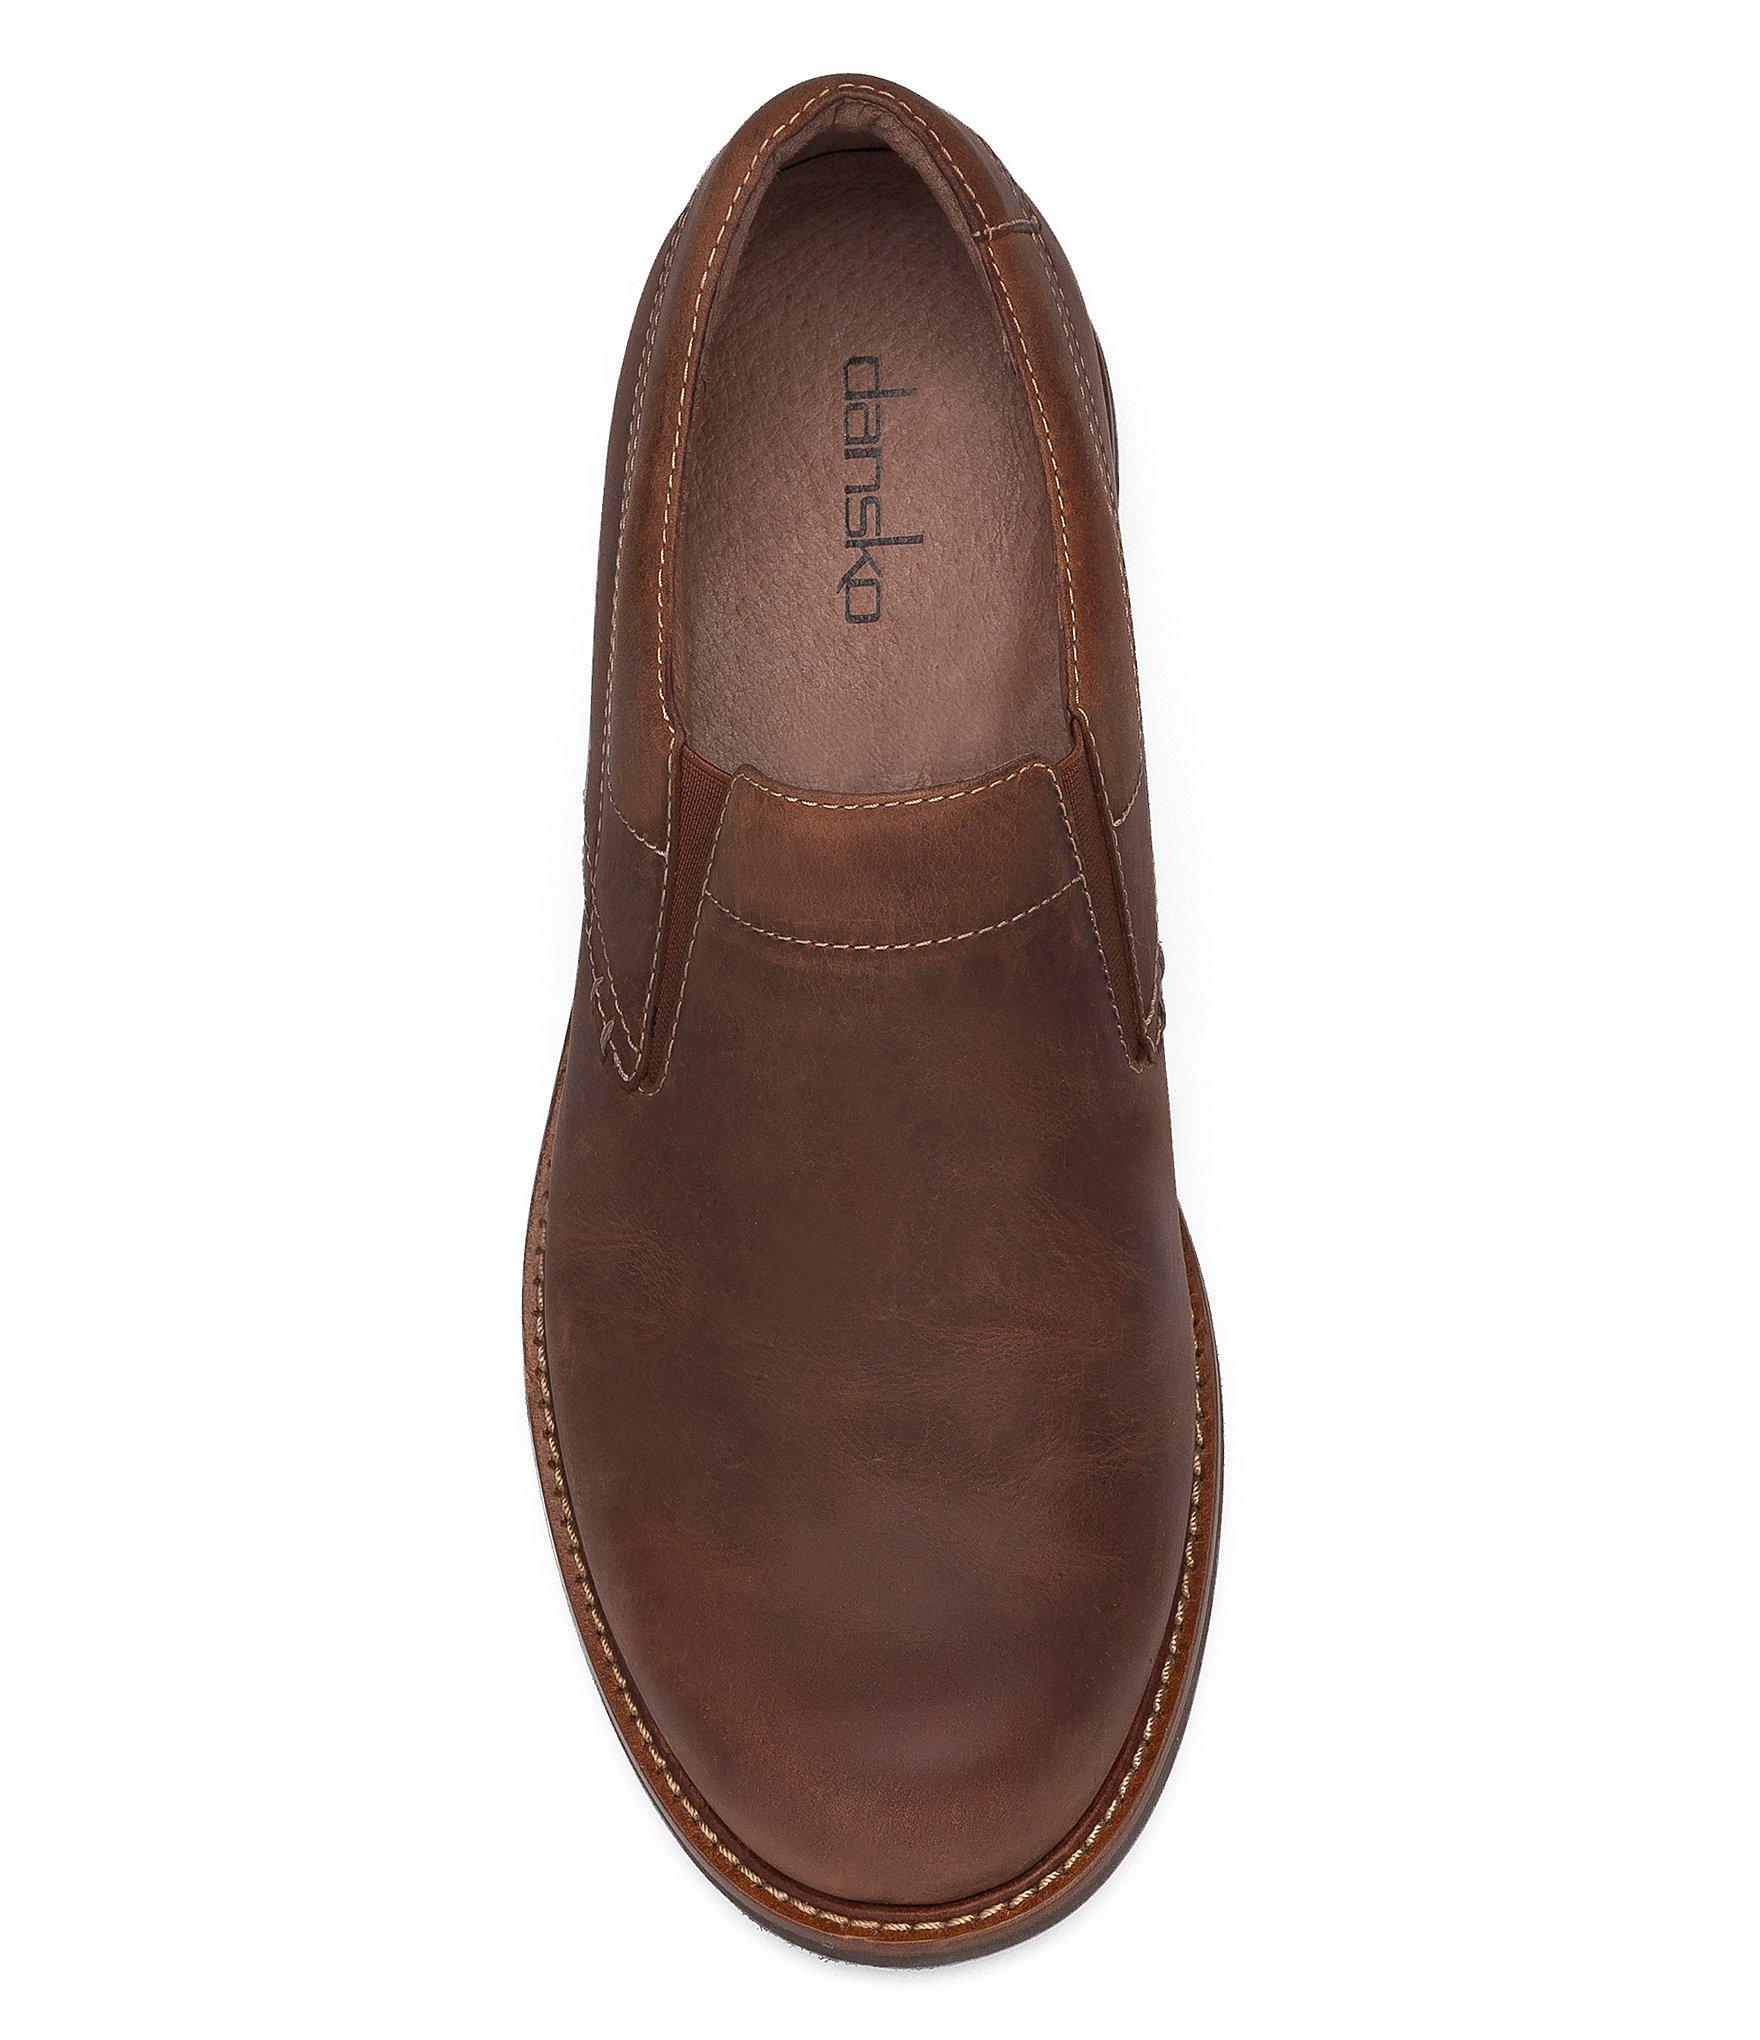 Dansko Men/'s Jackson Slip-on Loafer